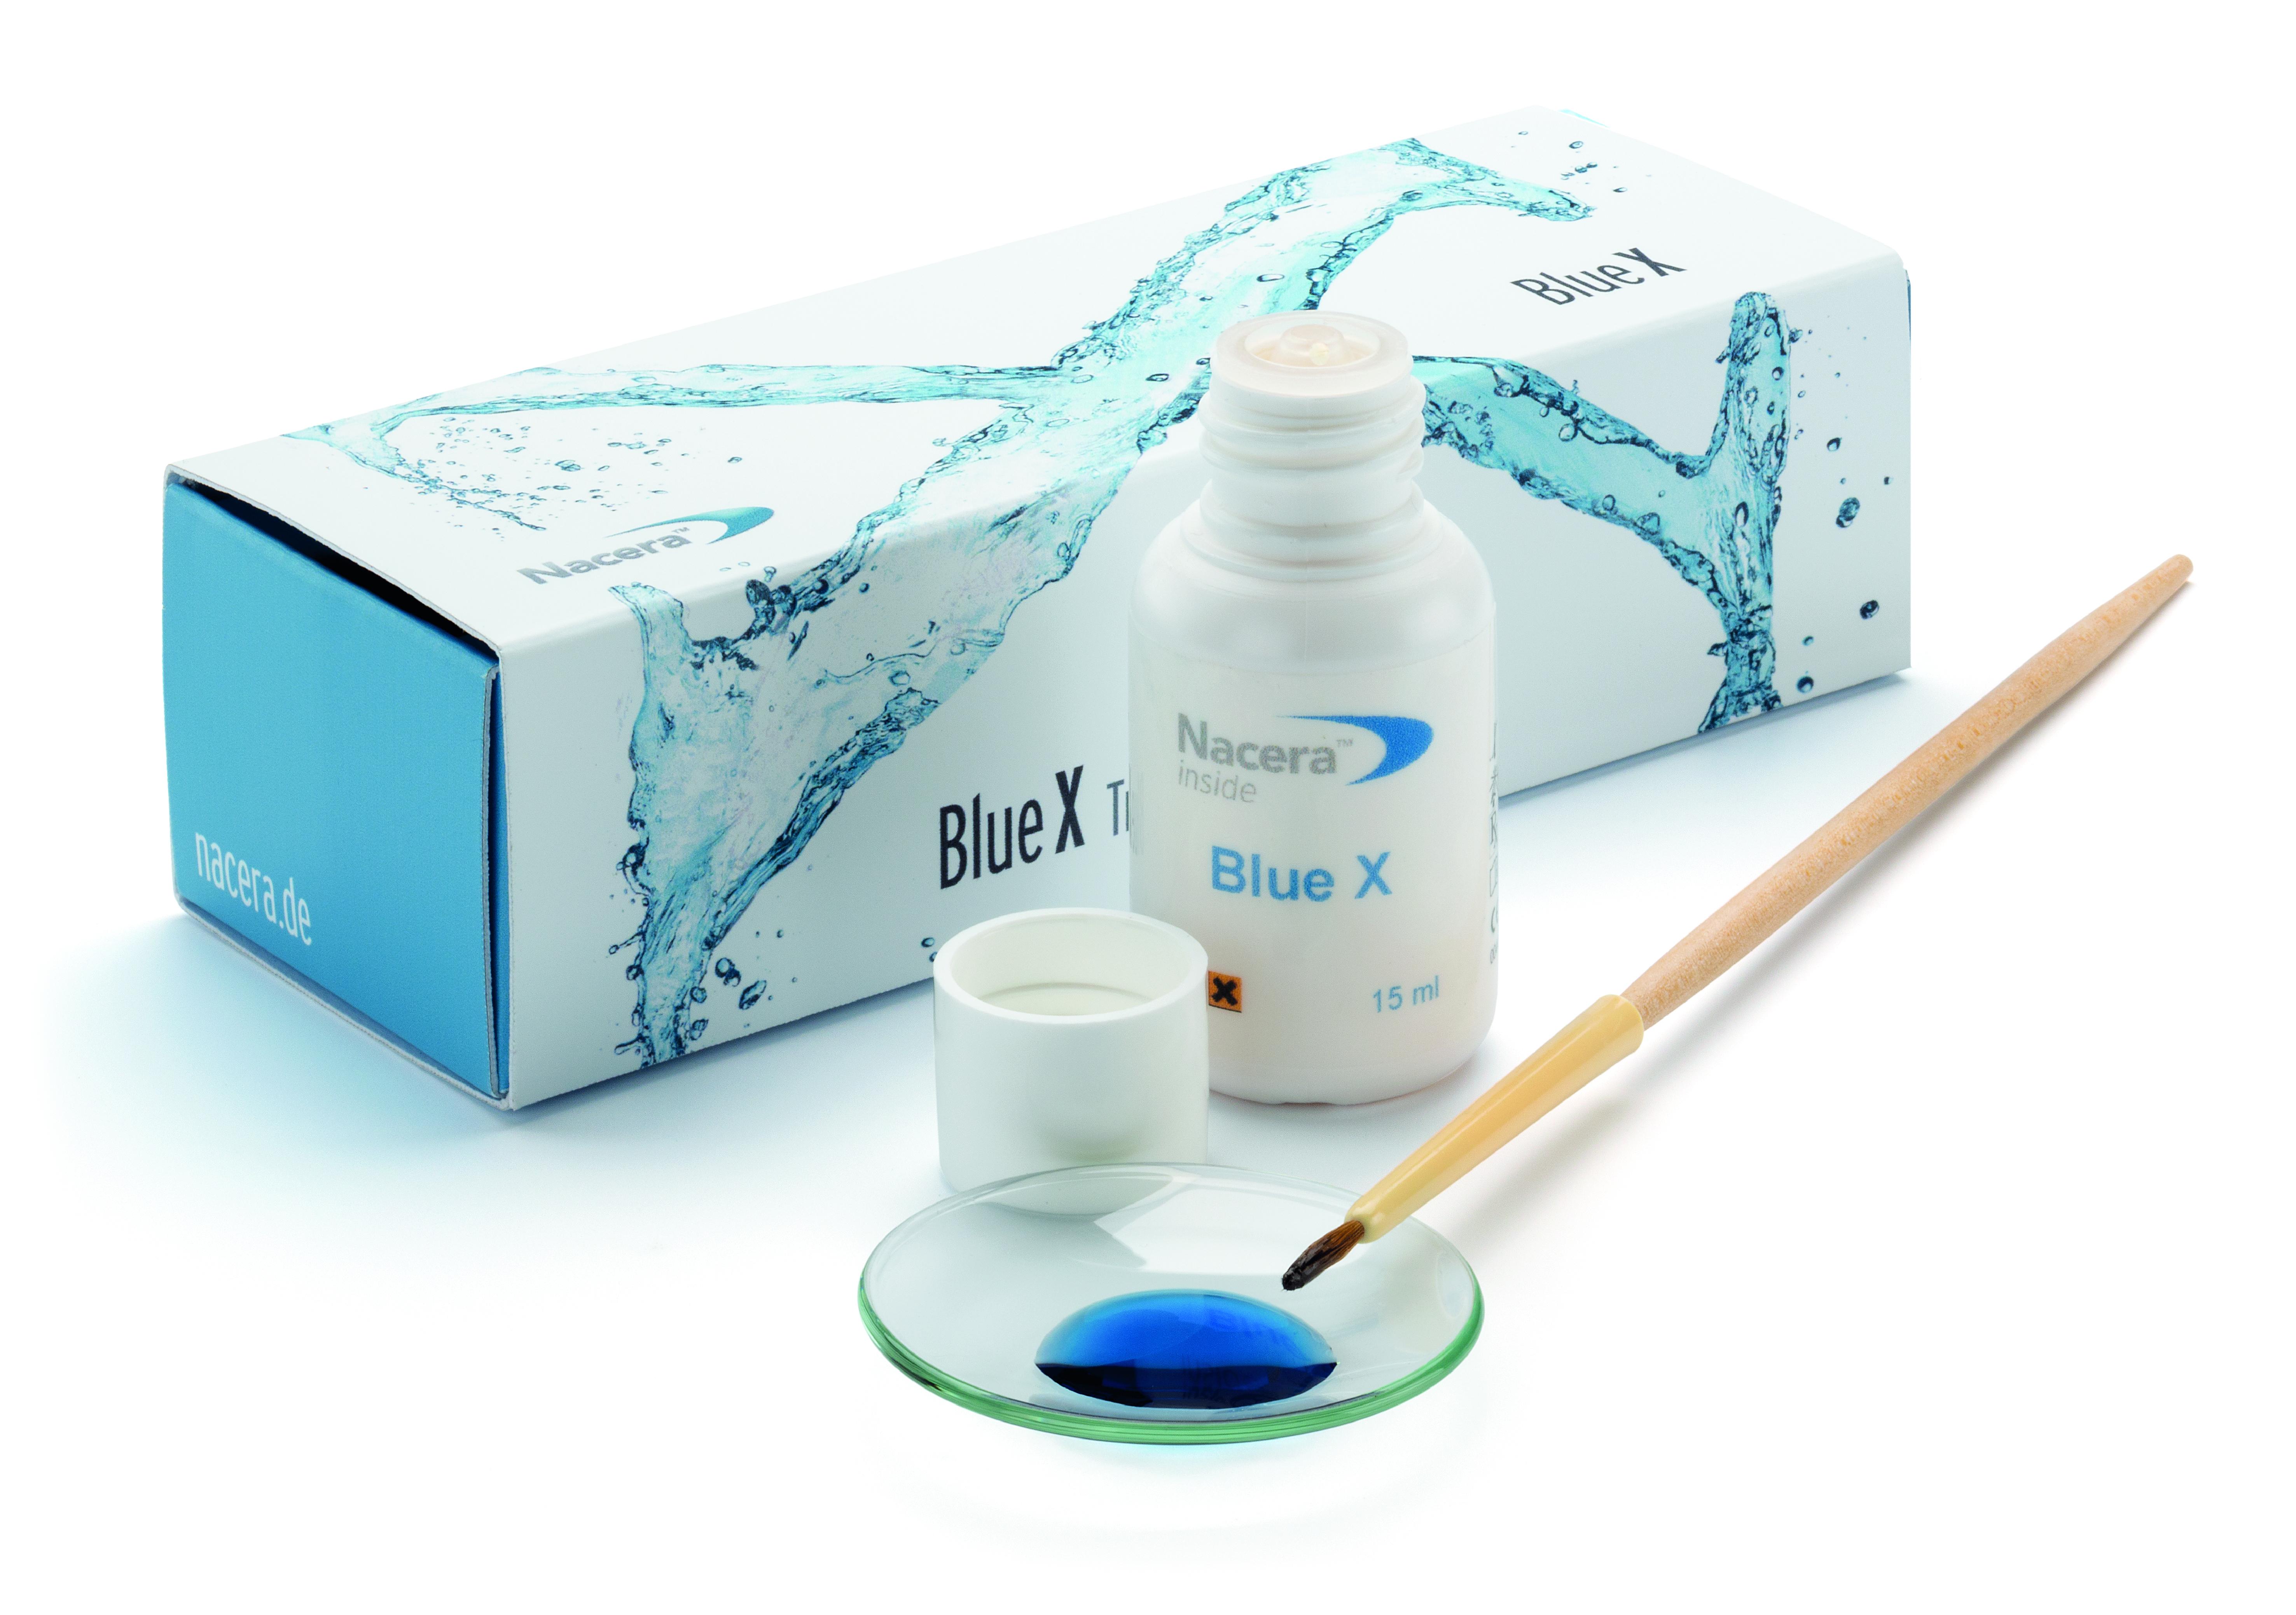 Nacera Blue X translucent liquid